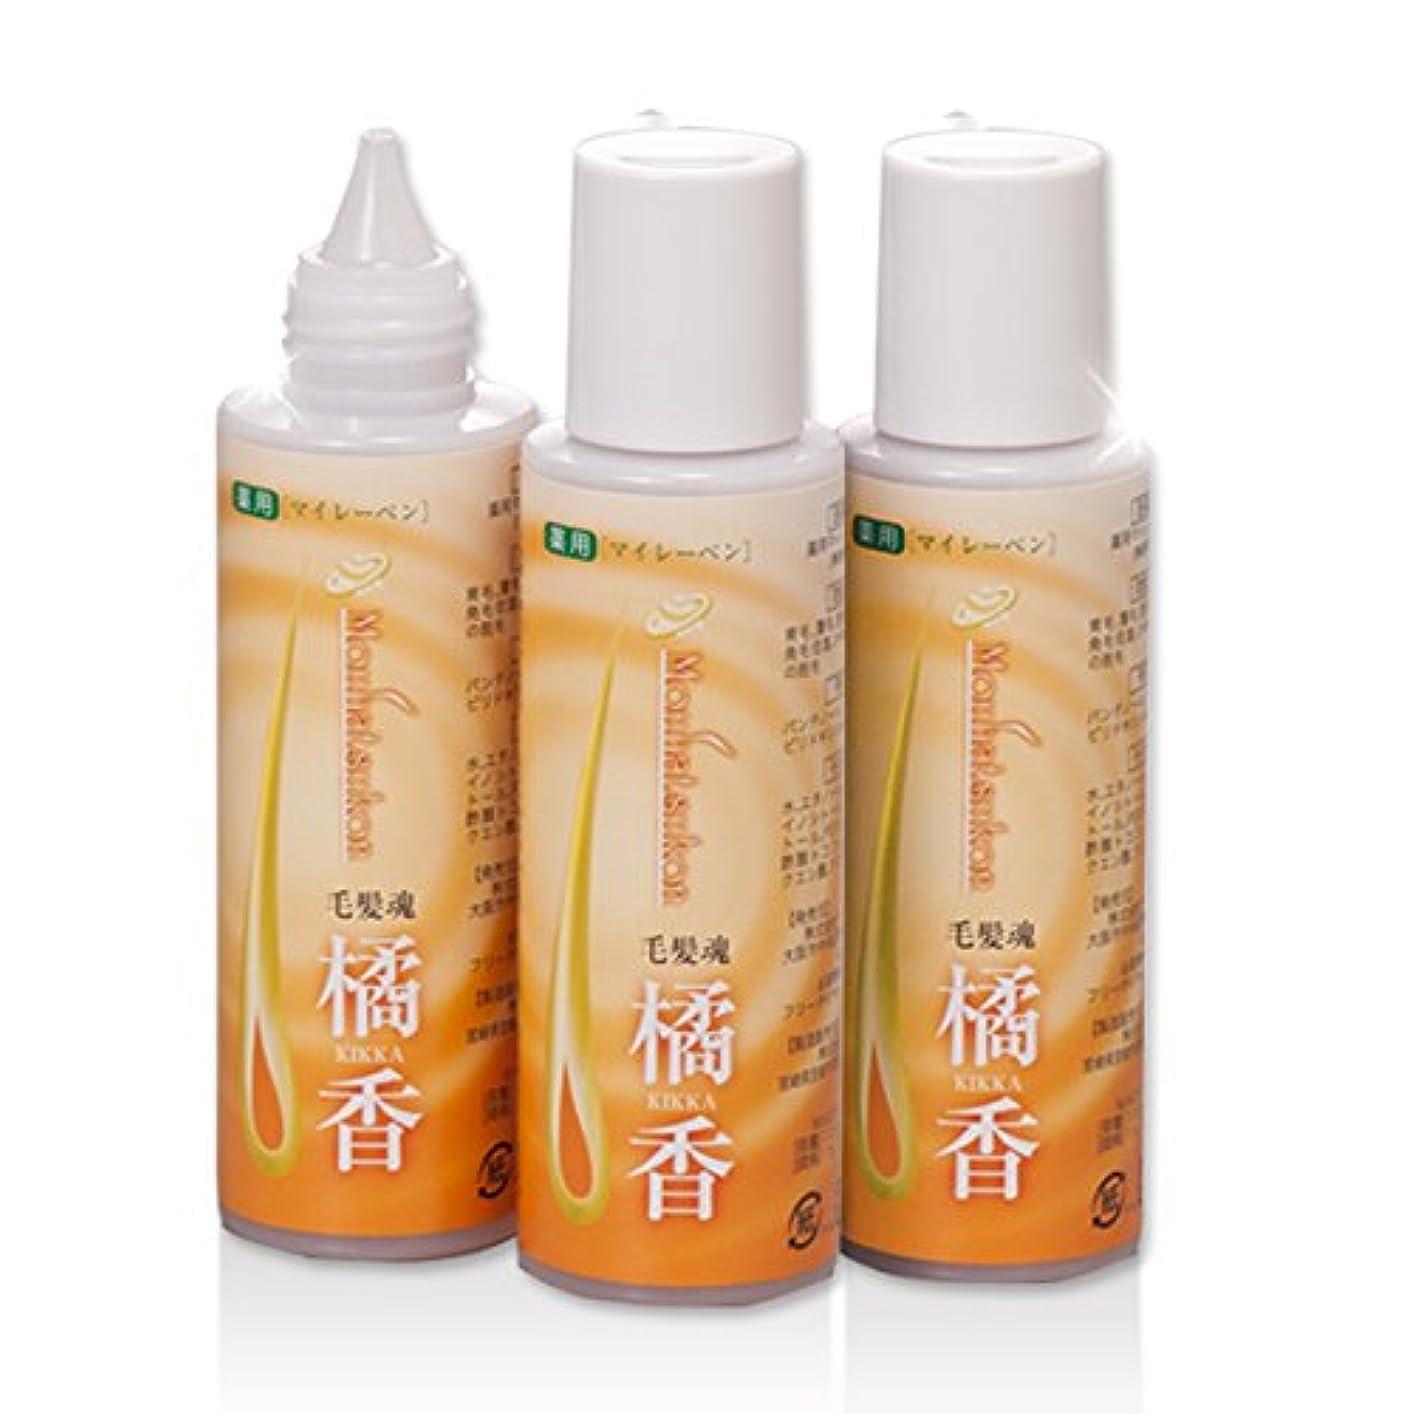 こしょう話セッティング薬用育毛剤「毛髪魂マイレーベン橘香」 3本セット